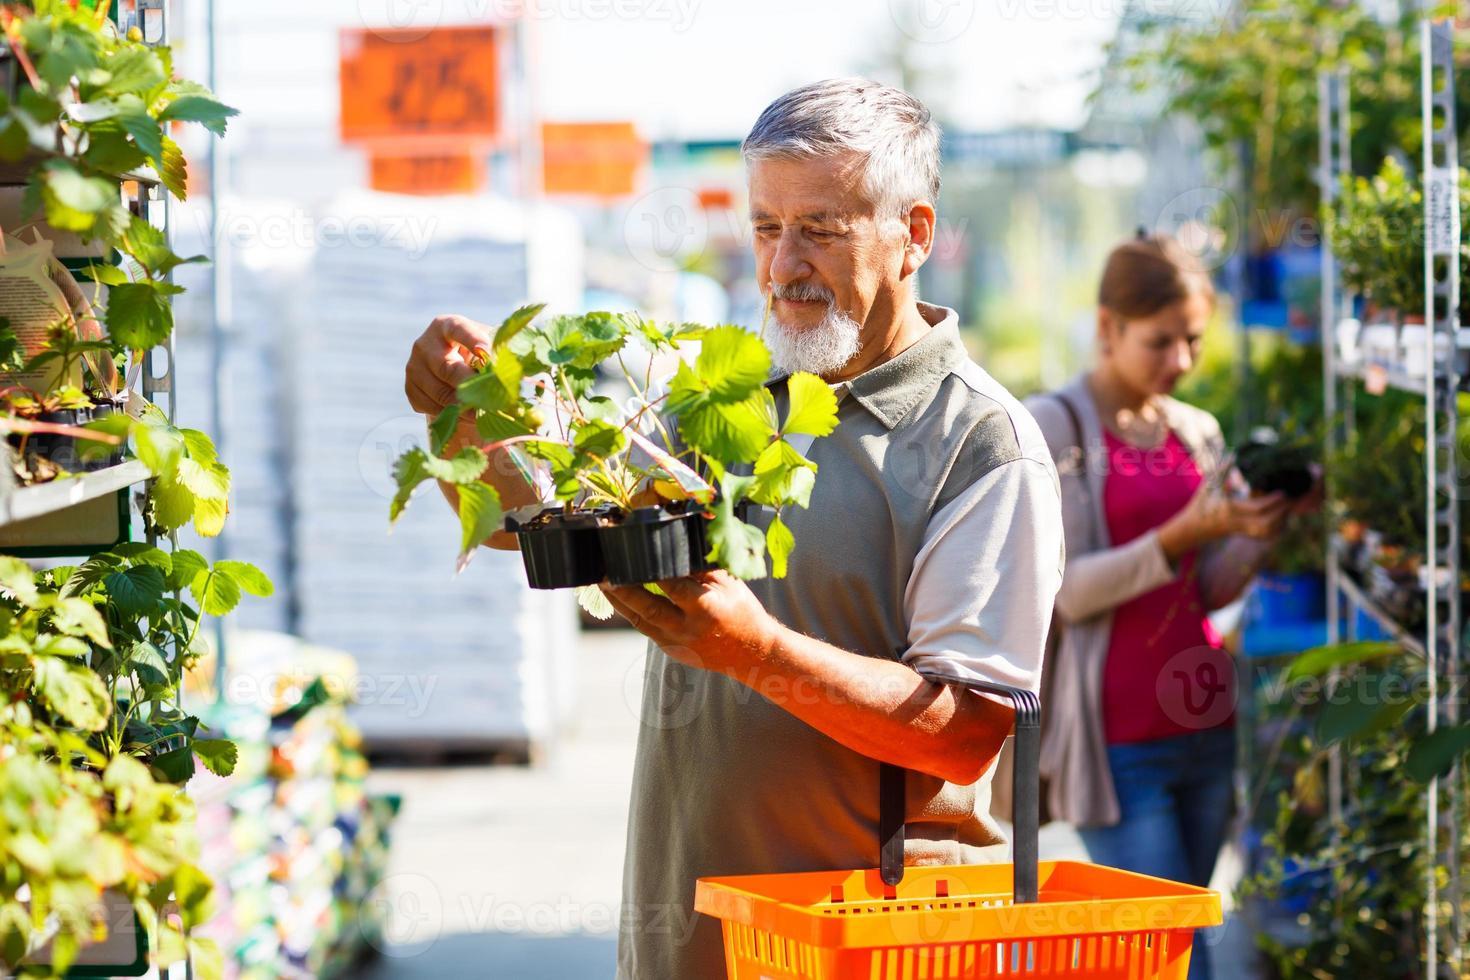 äldre man köper jordgubbväxter i ett trädgårdscenter foto